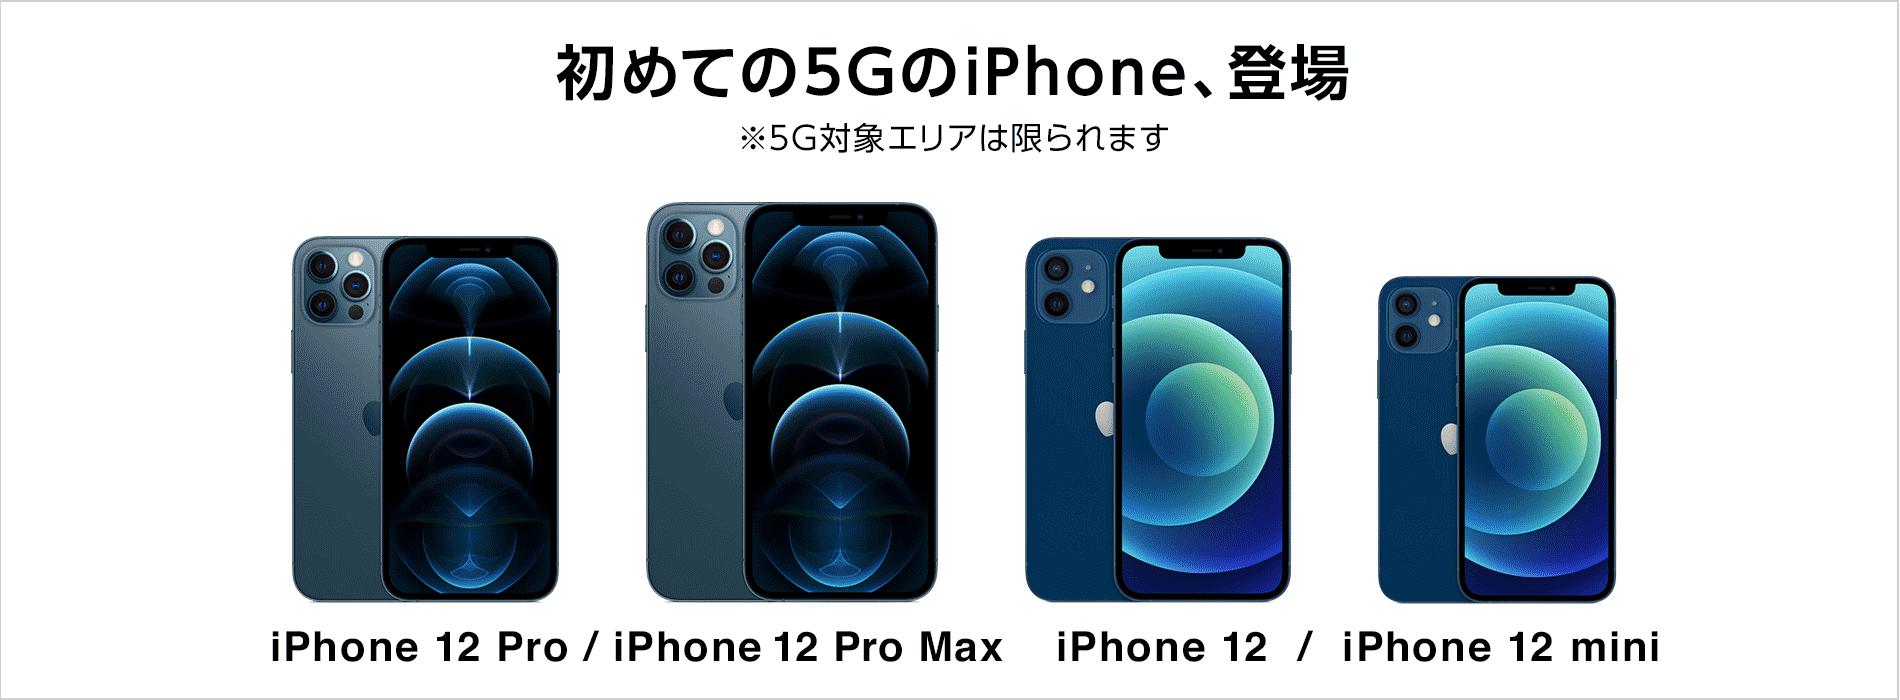 初めての5GのiPhone、登場 ※5G対象エリアは限られます iPhone 12 Pro / iPhone 12 Pro Max iPhone 12 / iPhone 12 mini